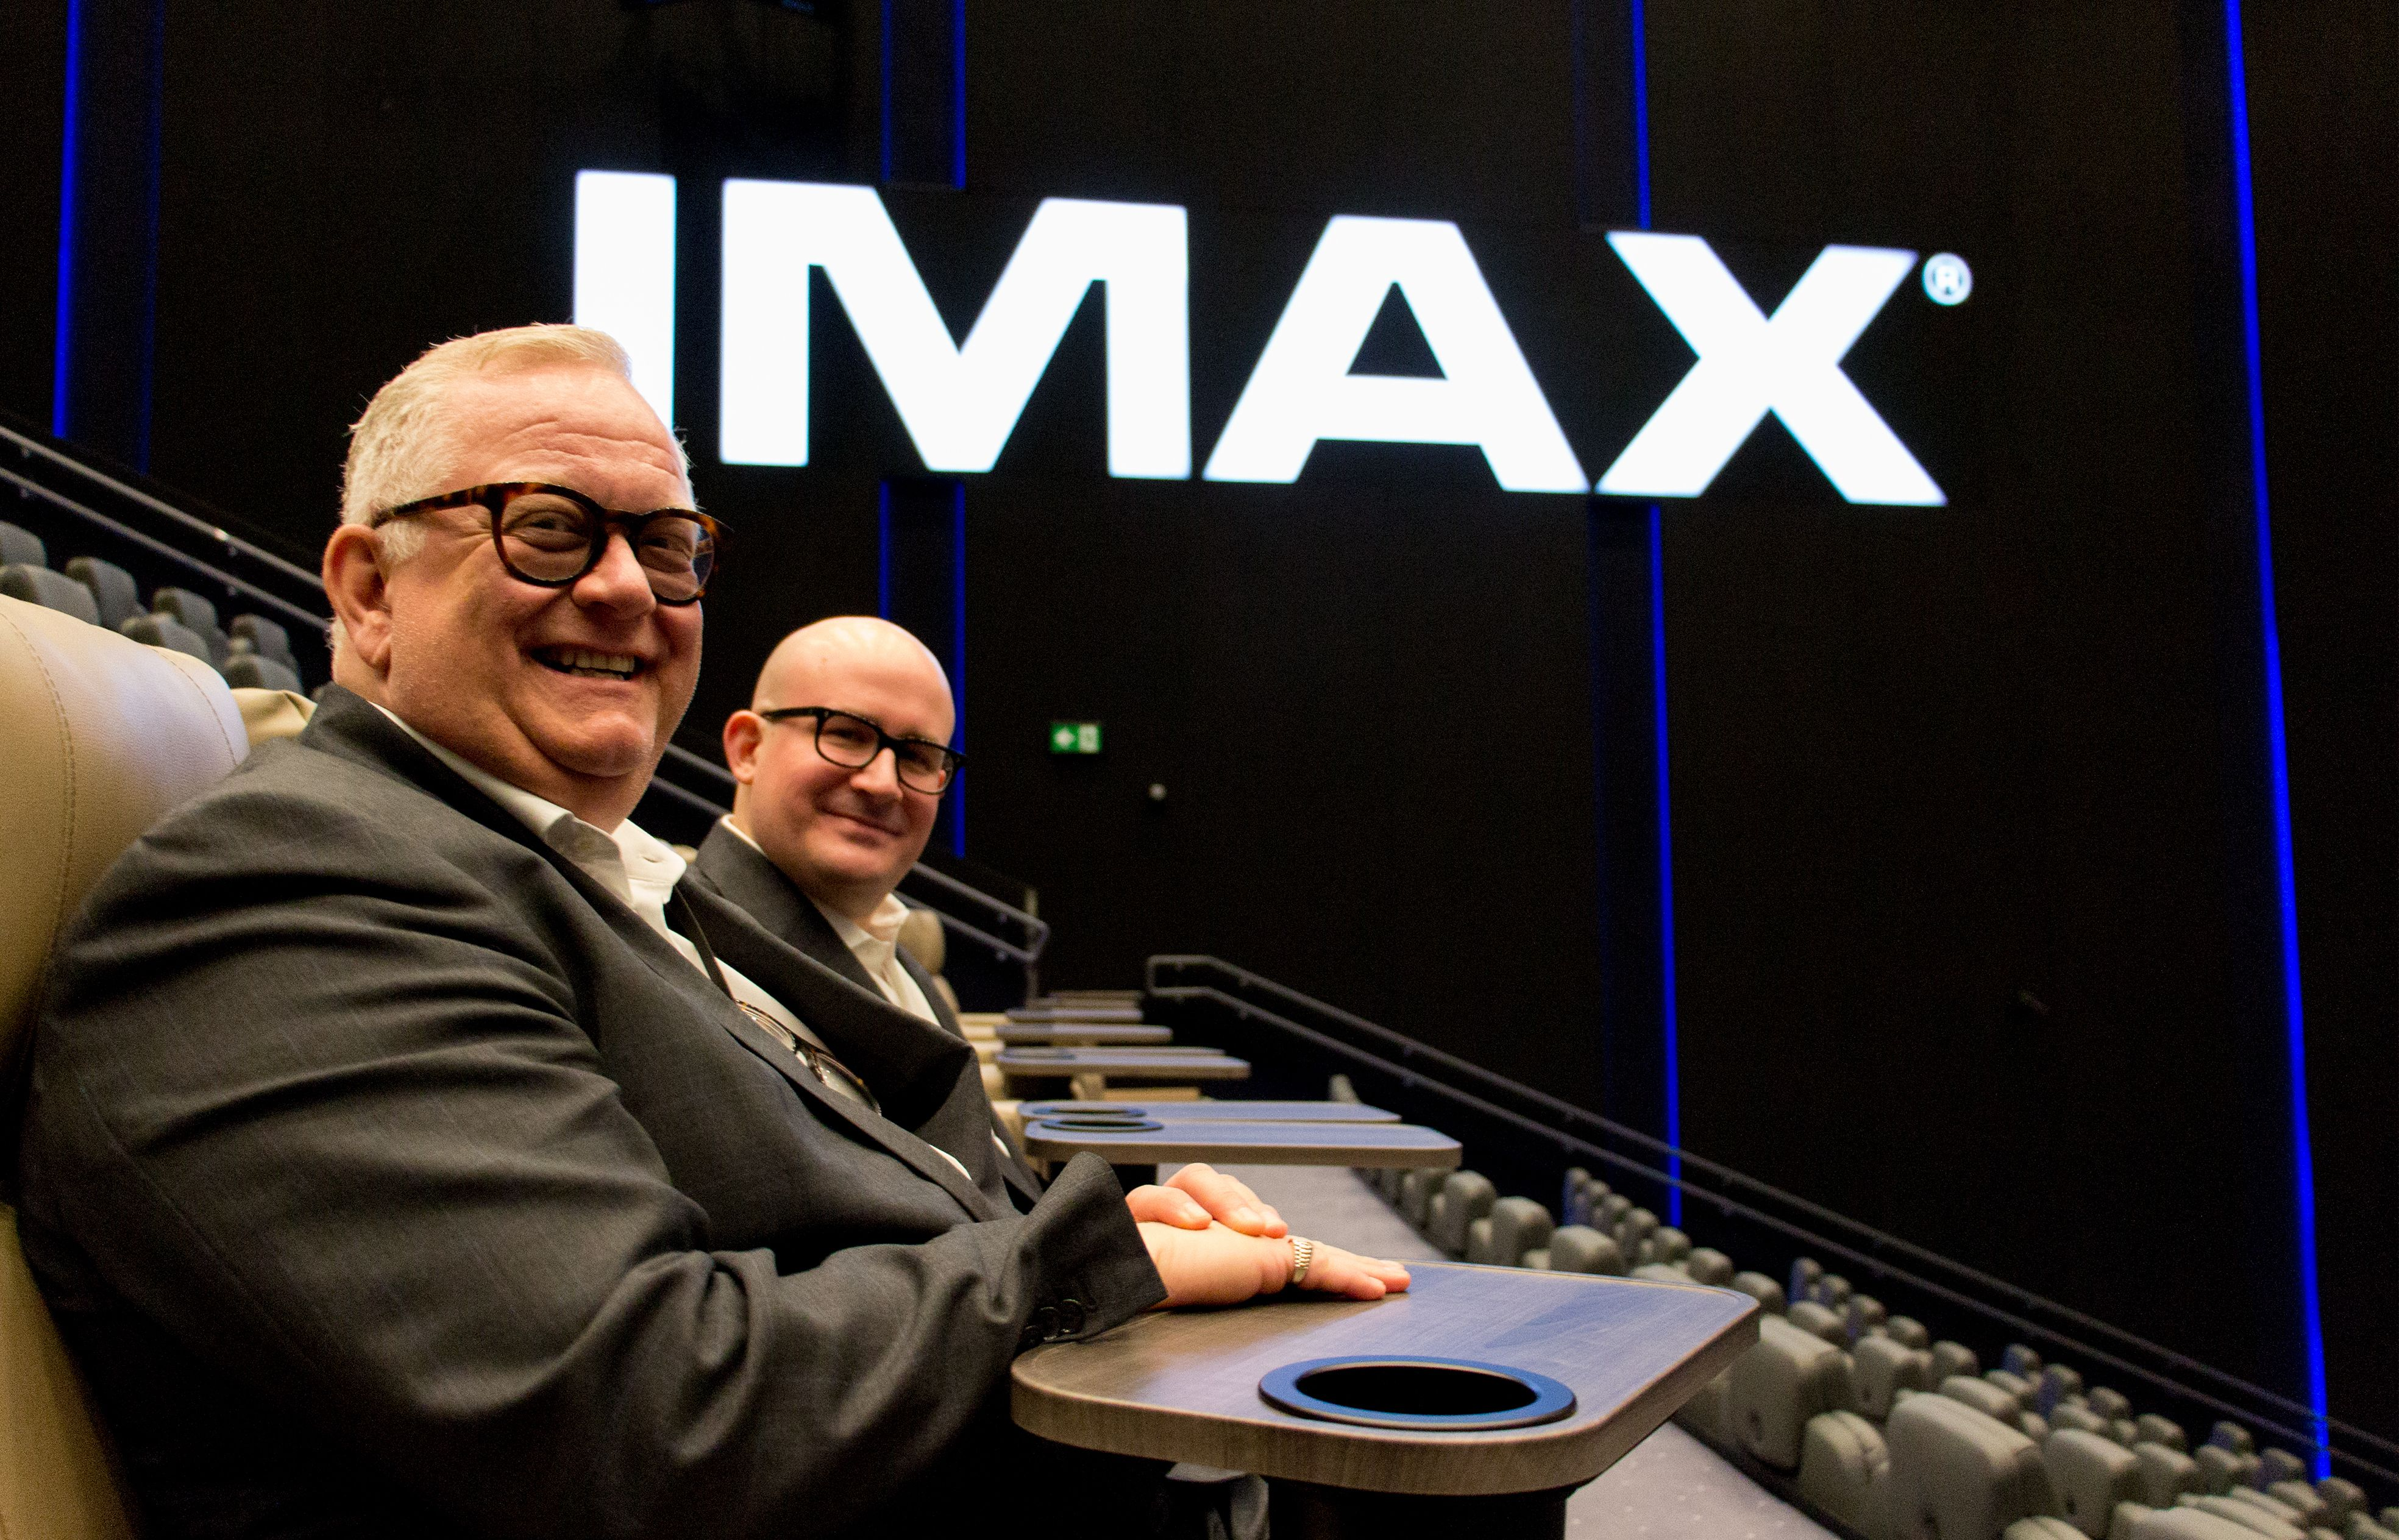 Administrerende direktør for Odeon Kino, Ivar Halstvedt, er fornøyd med både bilde og lyd. Det er også Giovanni Dolci, administrerende direktør i IMAX Europa, som hadde tatt turen til Oslo for å overvære IMAX-premieren.